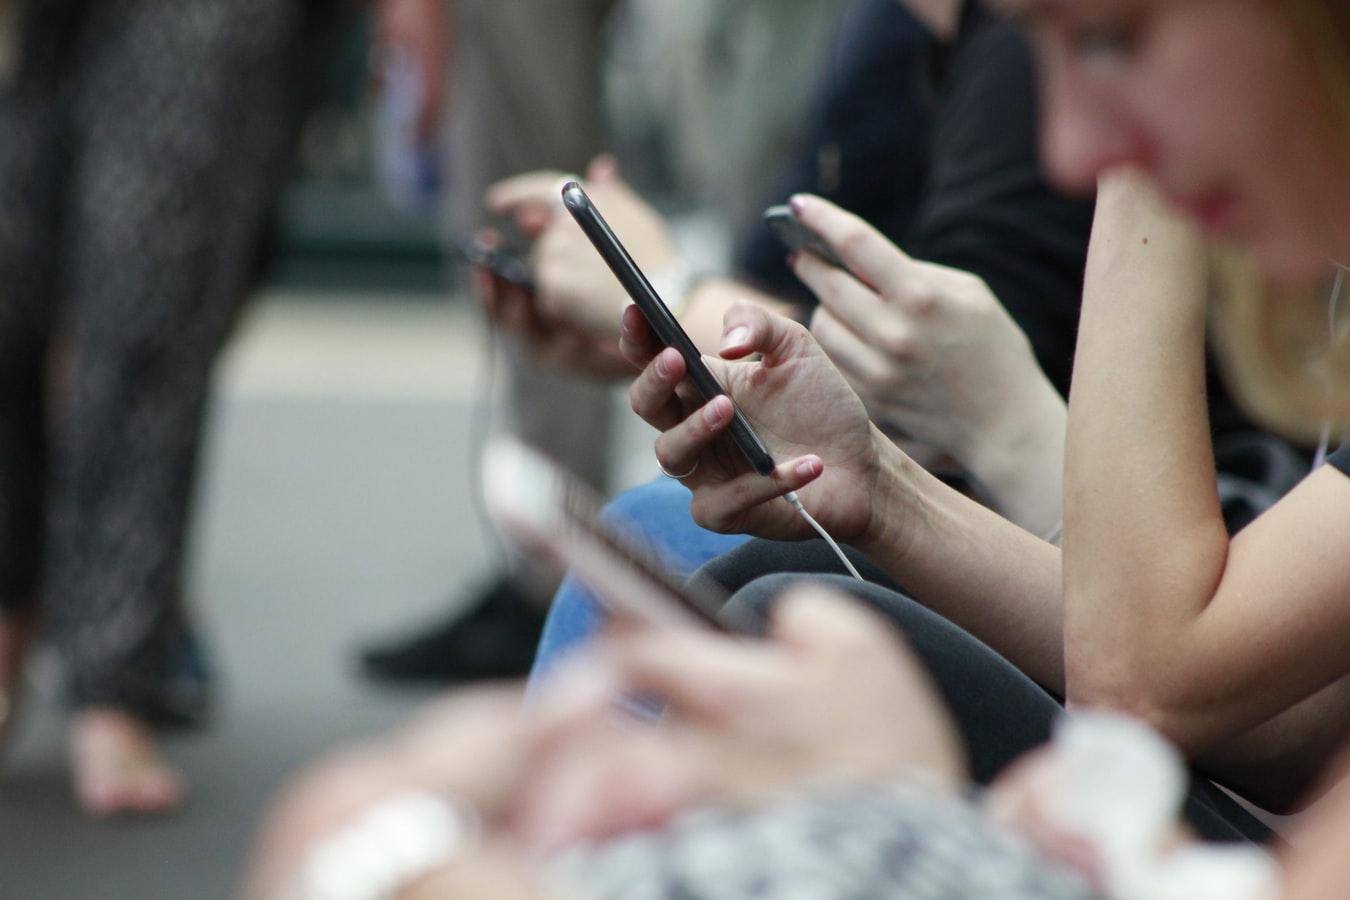 Ο εθισμός στο κινητό, το νέο ναρκωτικό